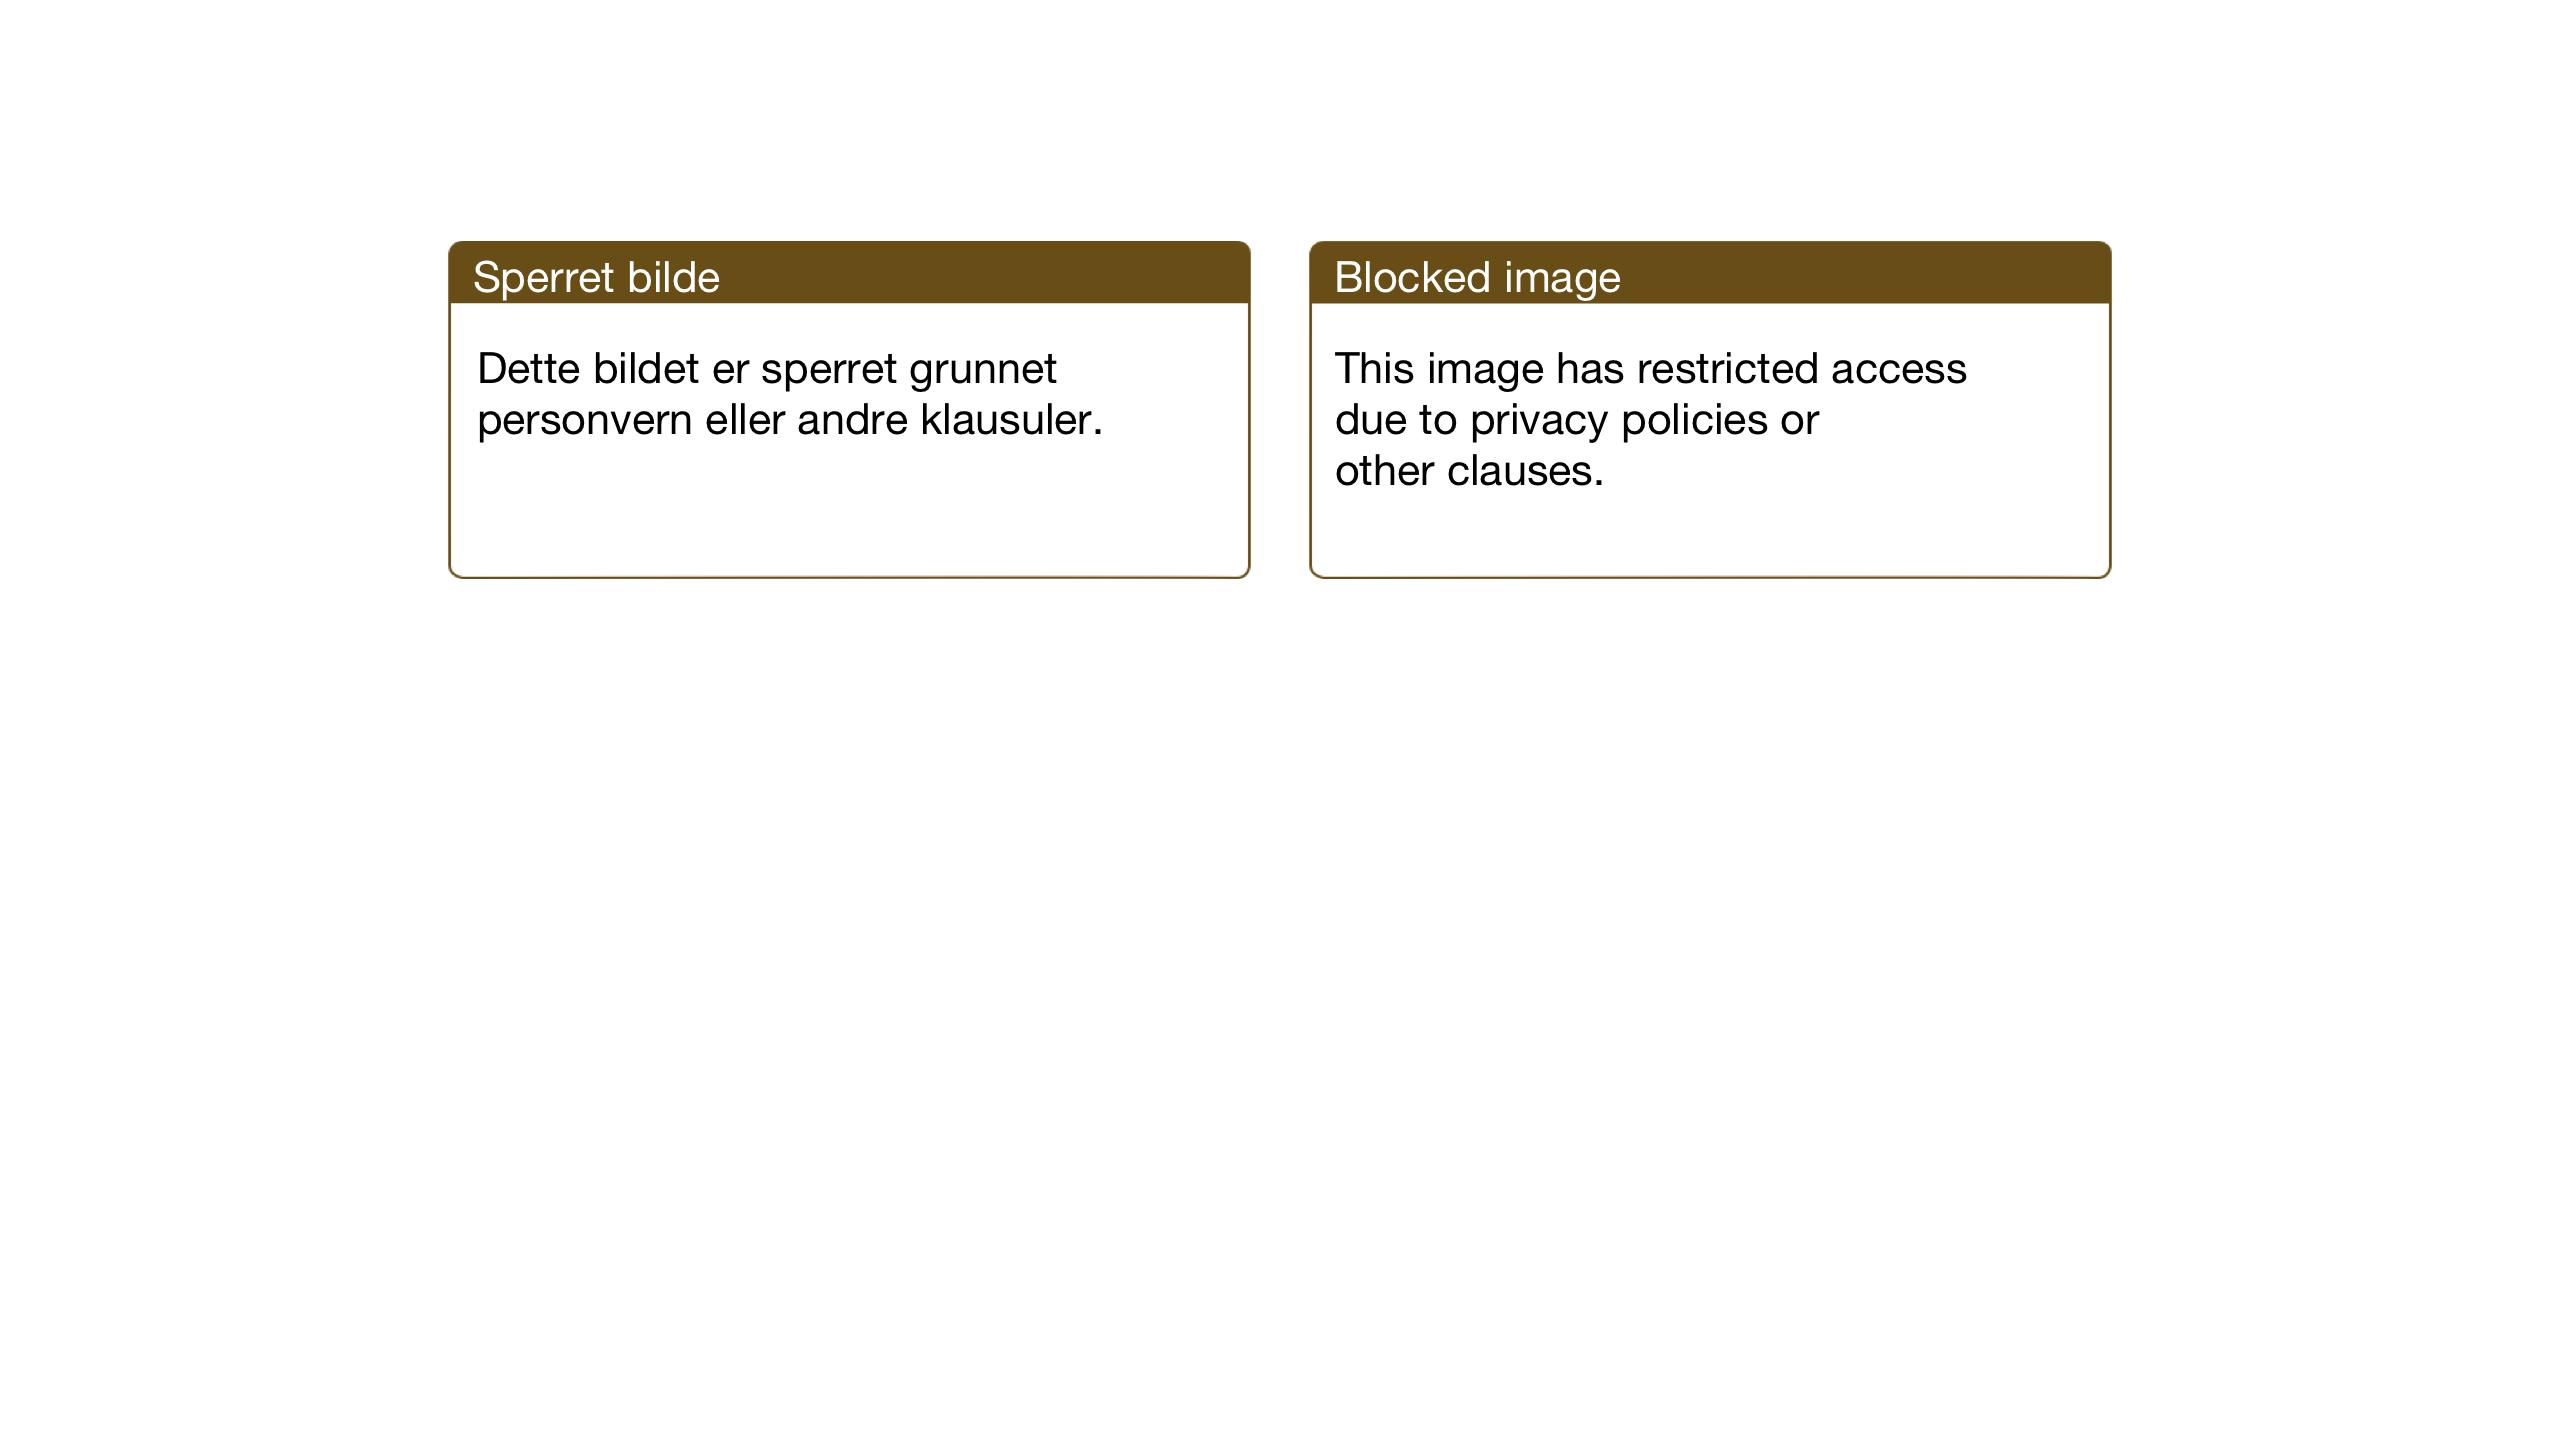 SAT, Ministerialprotokoller, klokkerbøker og fødselsregistre - Sør-Trøndelag, 698/L1169: Klokkerbok nr. 698C06, 1930-1949, s. 17